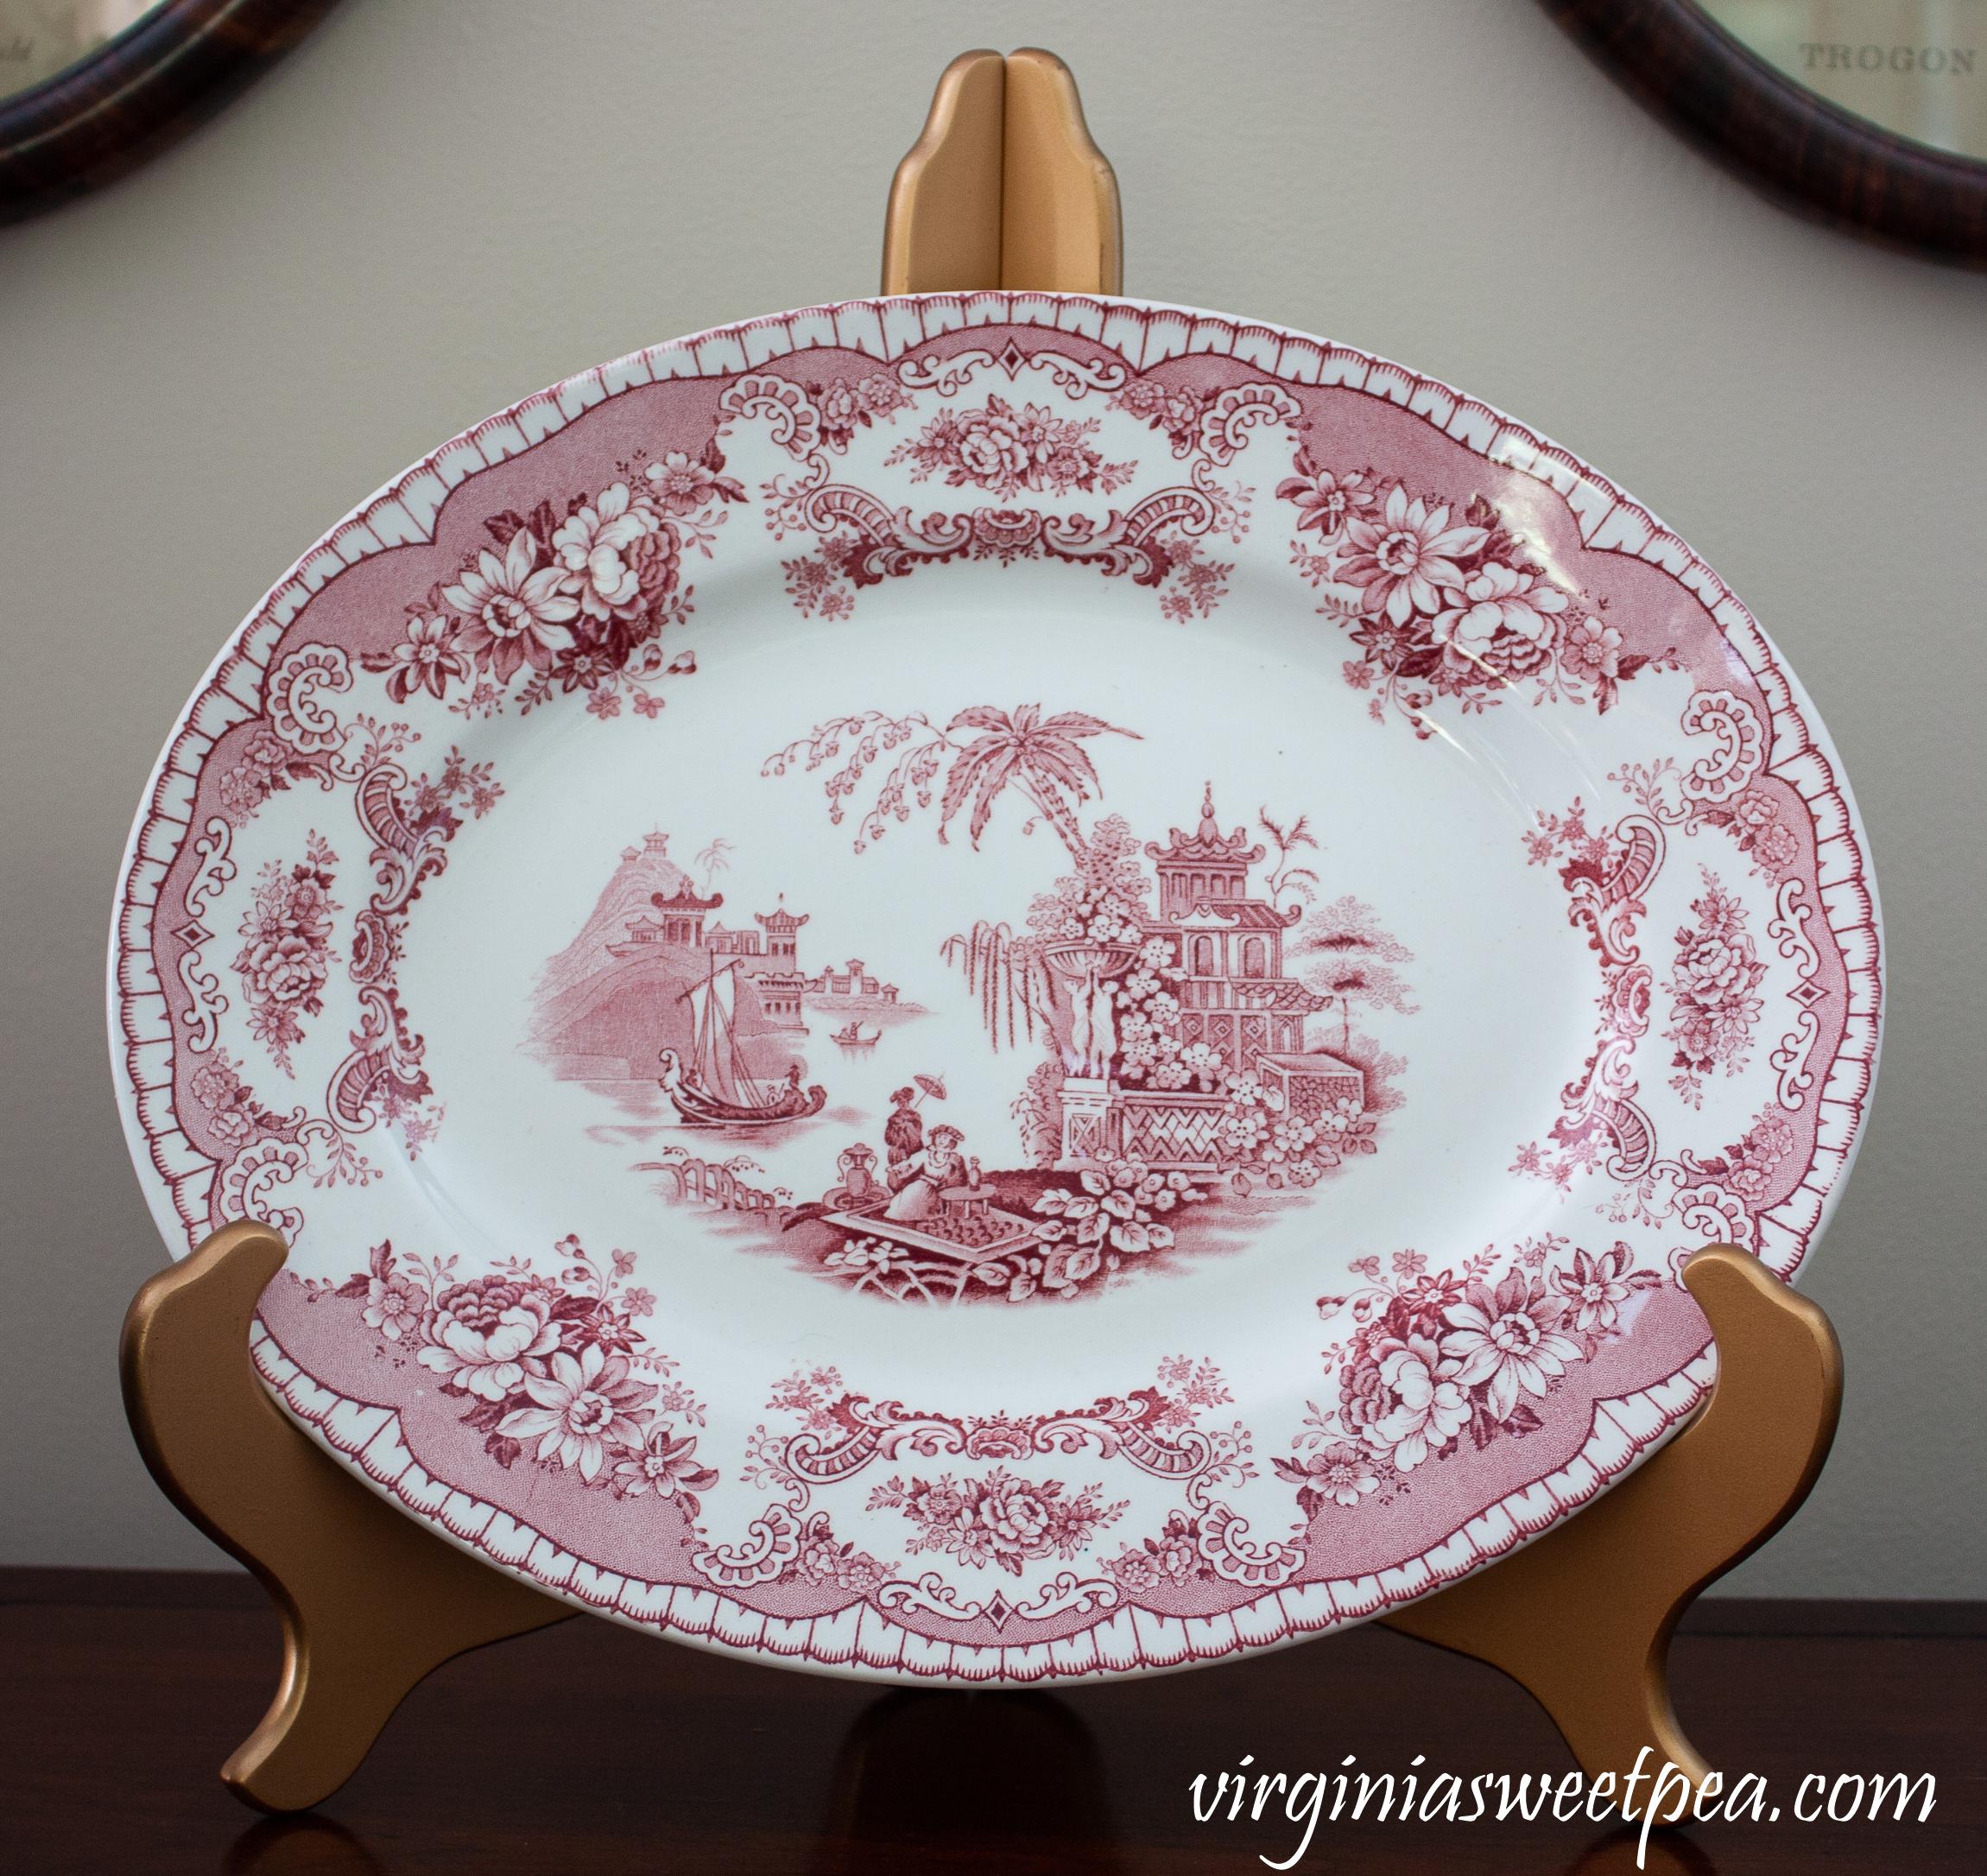 John Maddock & Sons Fine Vitreous Platter in Bombay